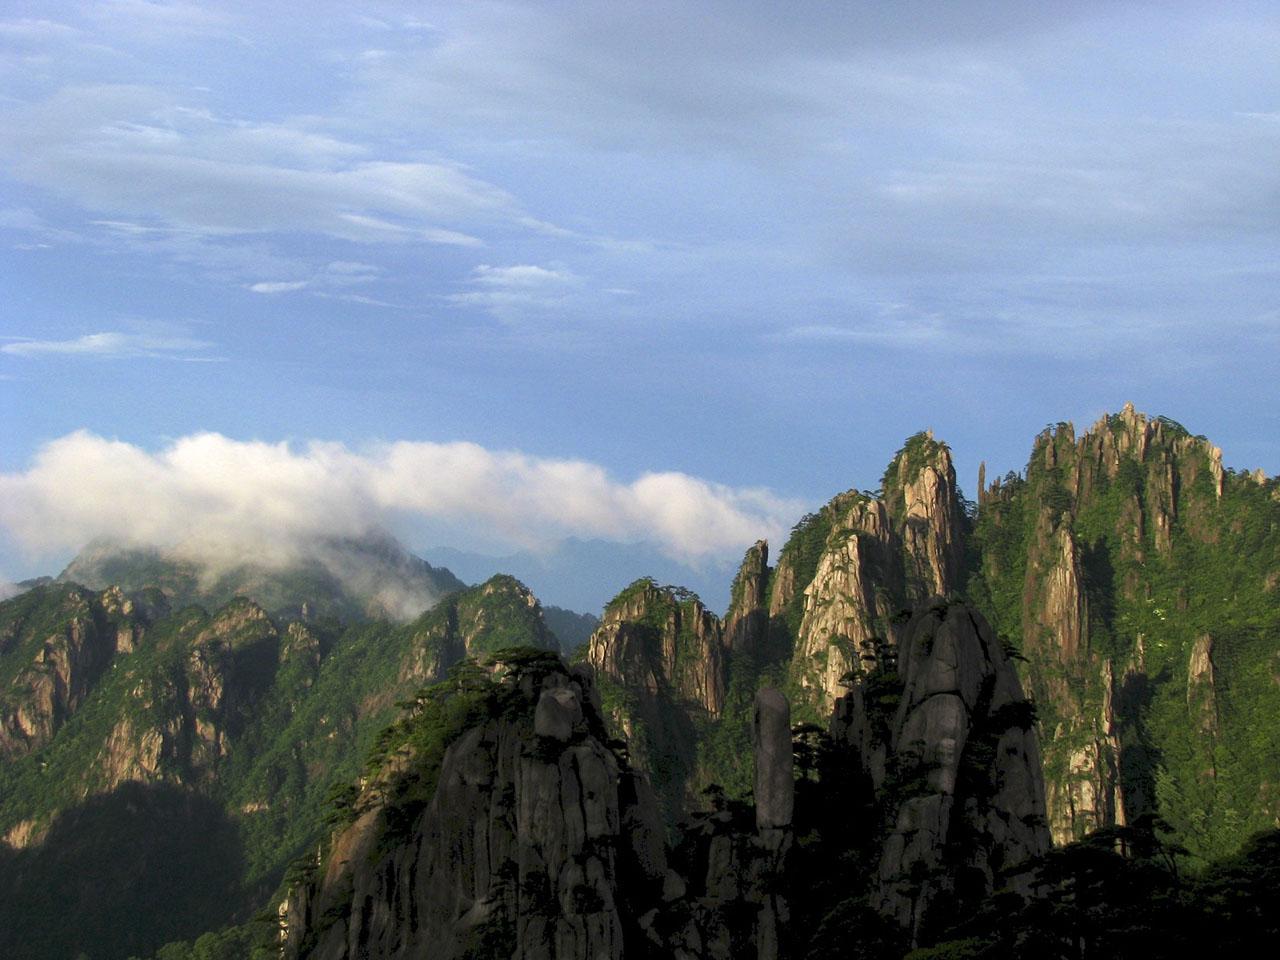 Mount_Huangshan_China_Trek